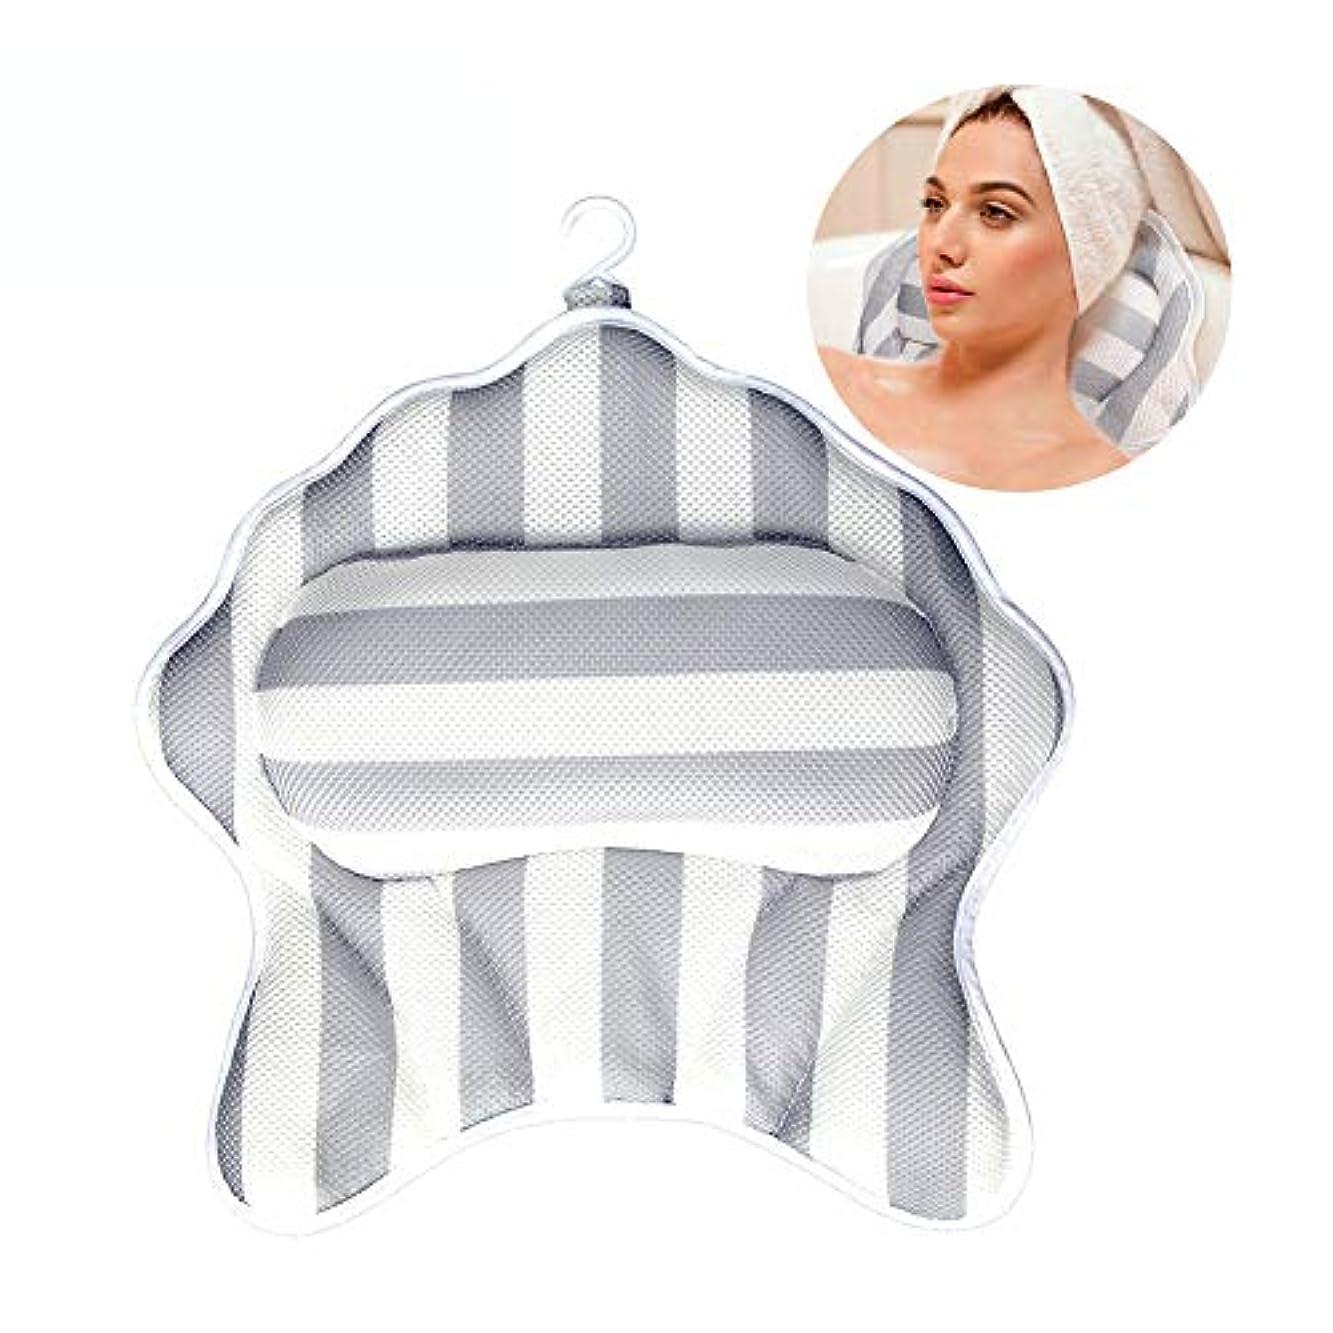 リール線形子羊3dメッシュヒトデスパマッサージバスタブ枕浴室枕クッションwith6強い吸引カップは洗濯機で洗えます